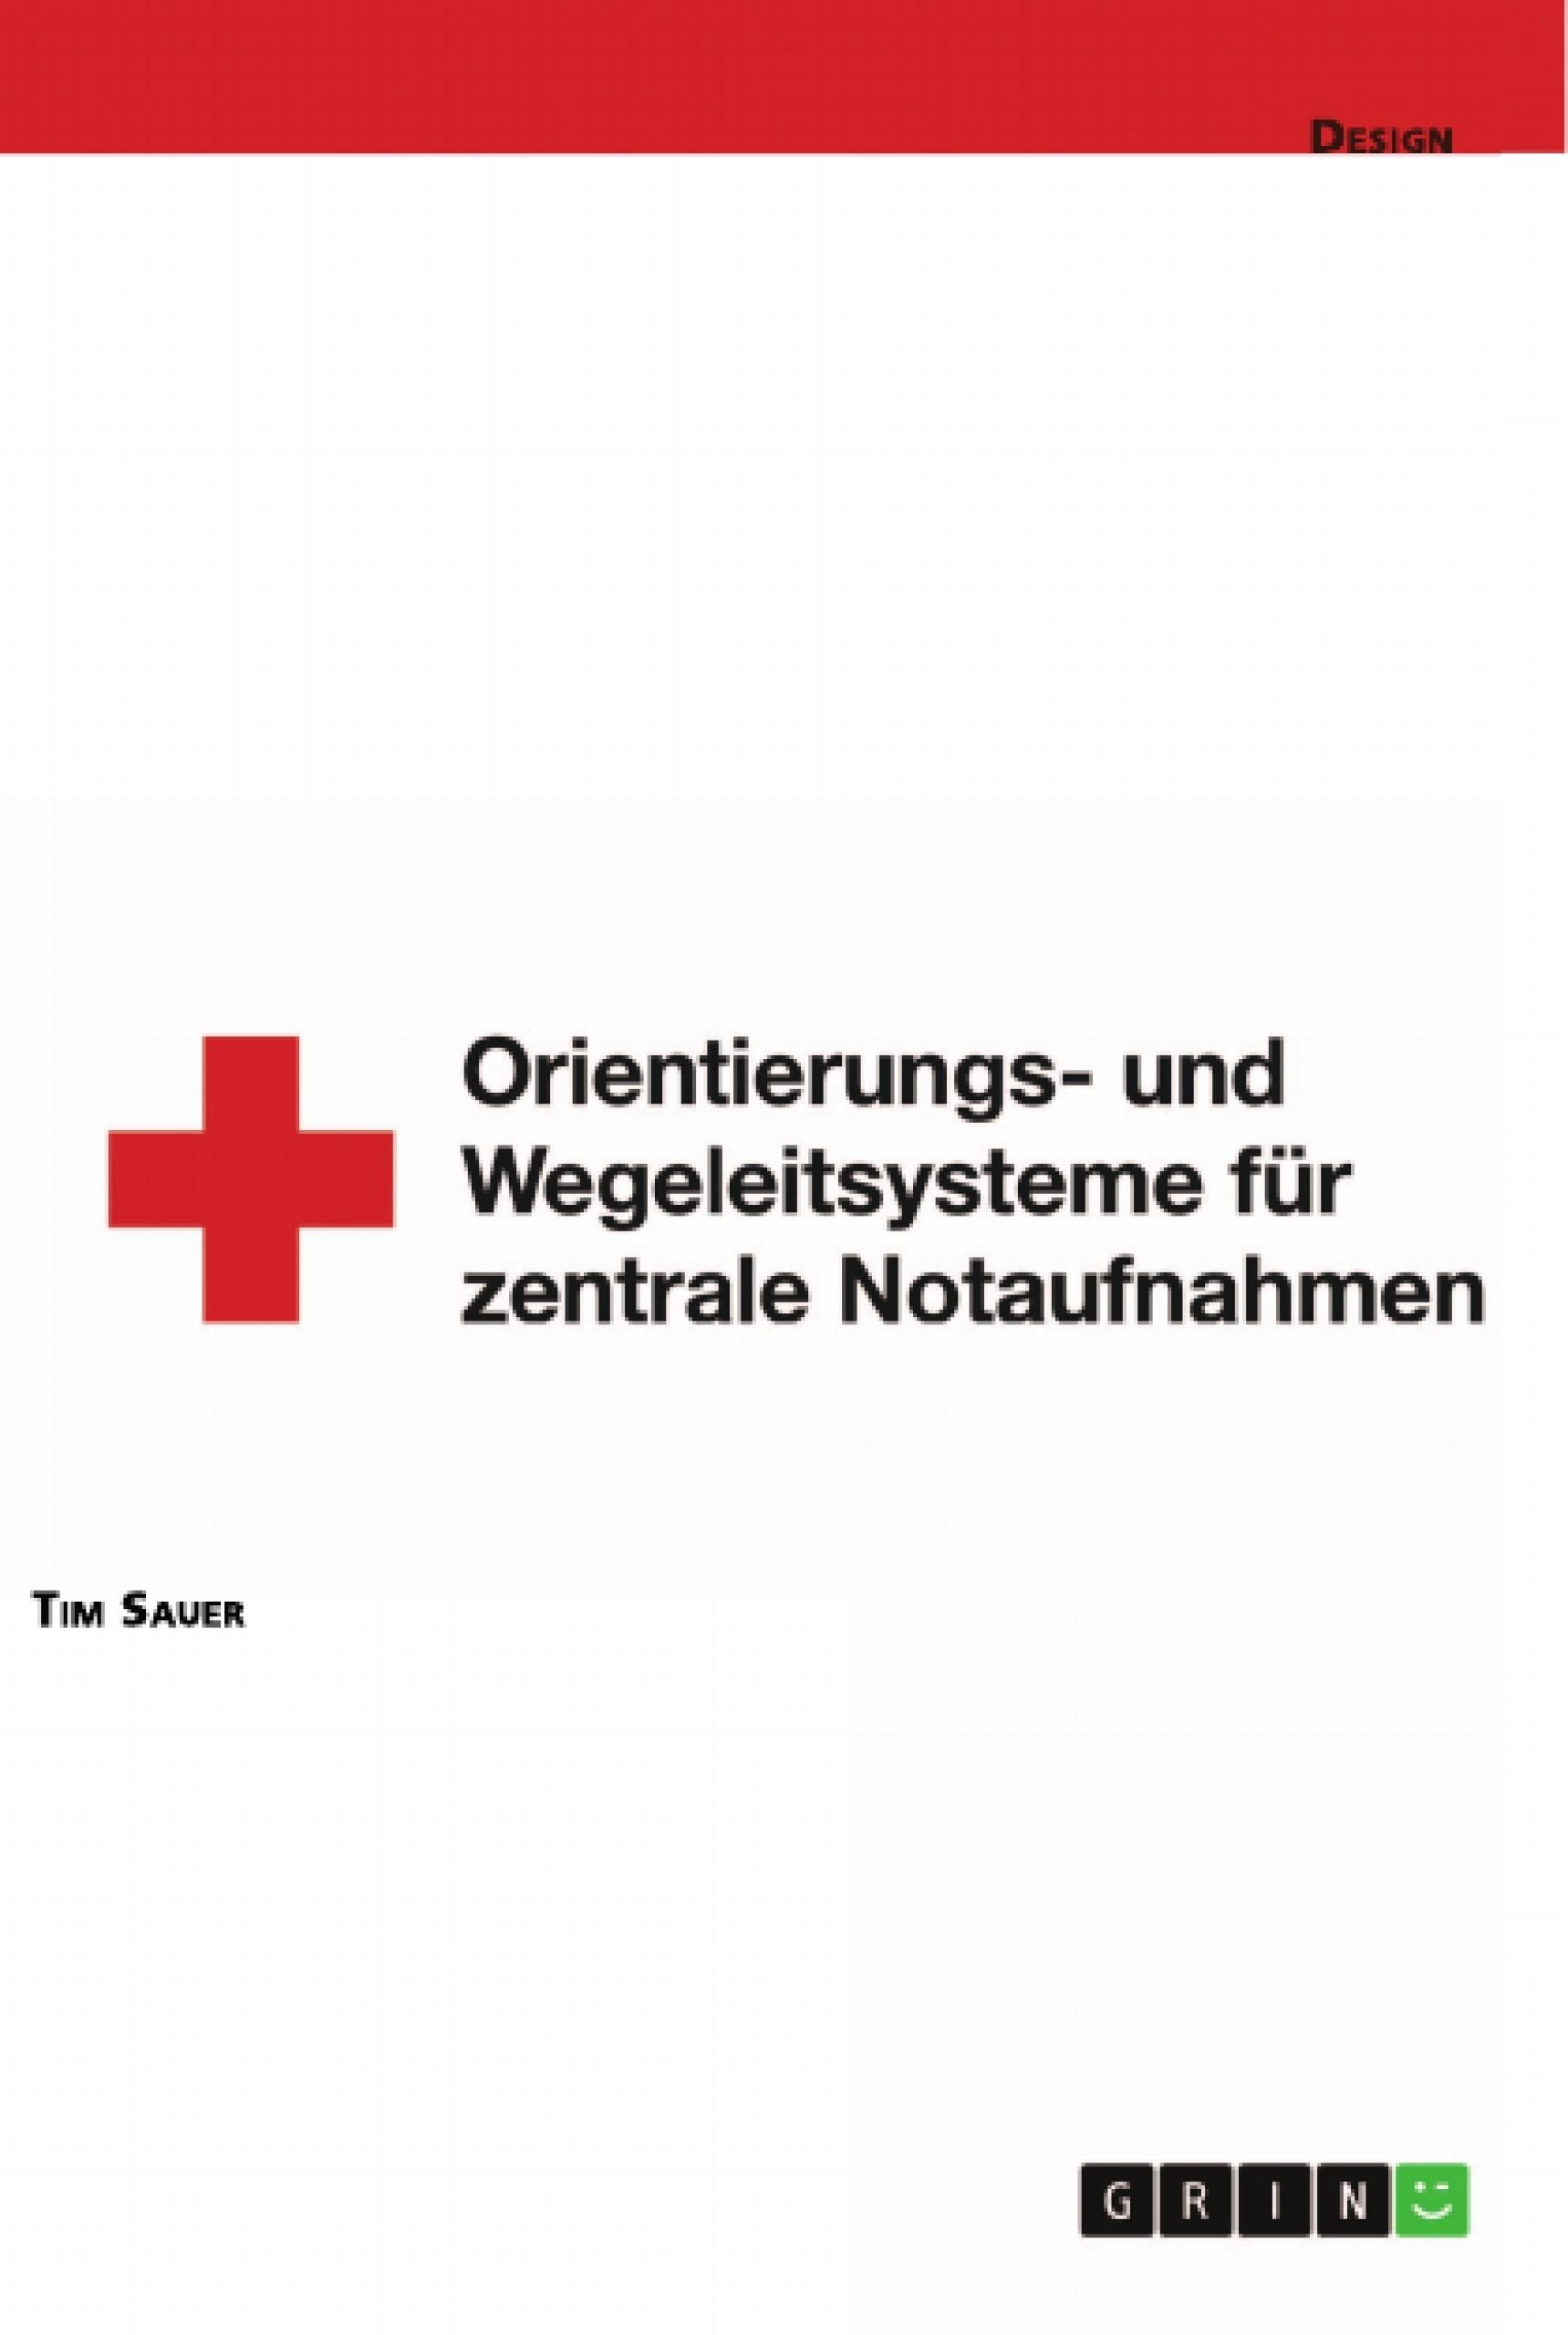 Titel: Gestaltung von Orientierungs- und Wegeleitsystemen von zentralen Notaufnahmen